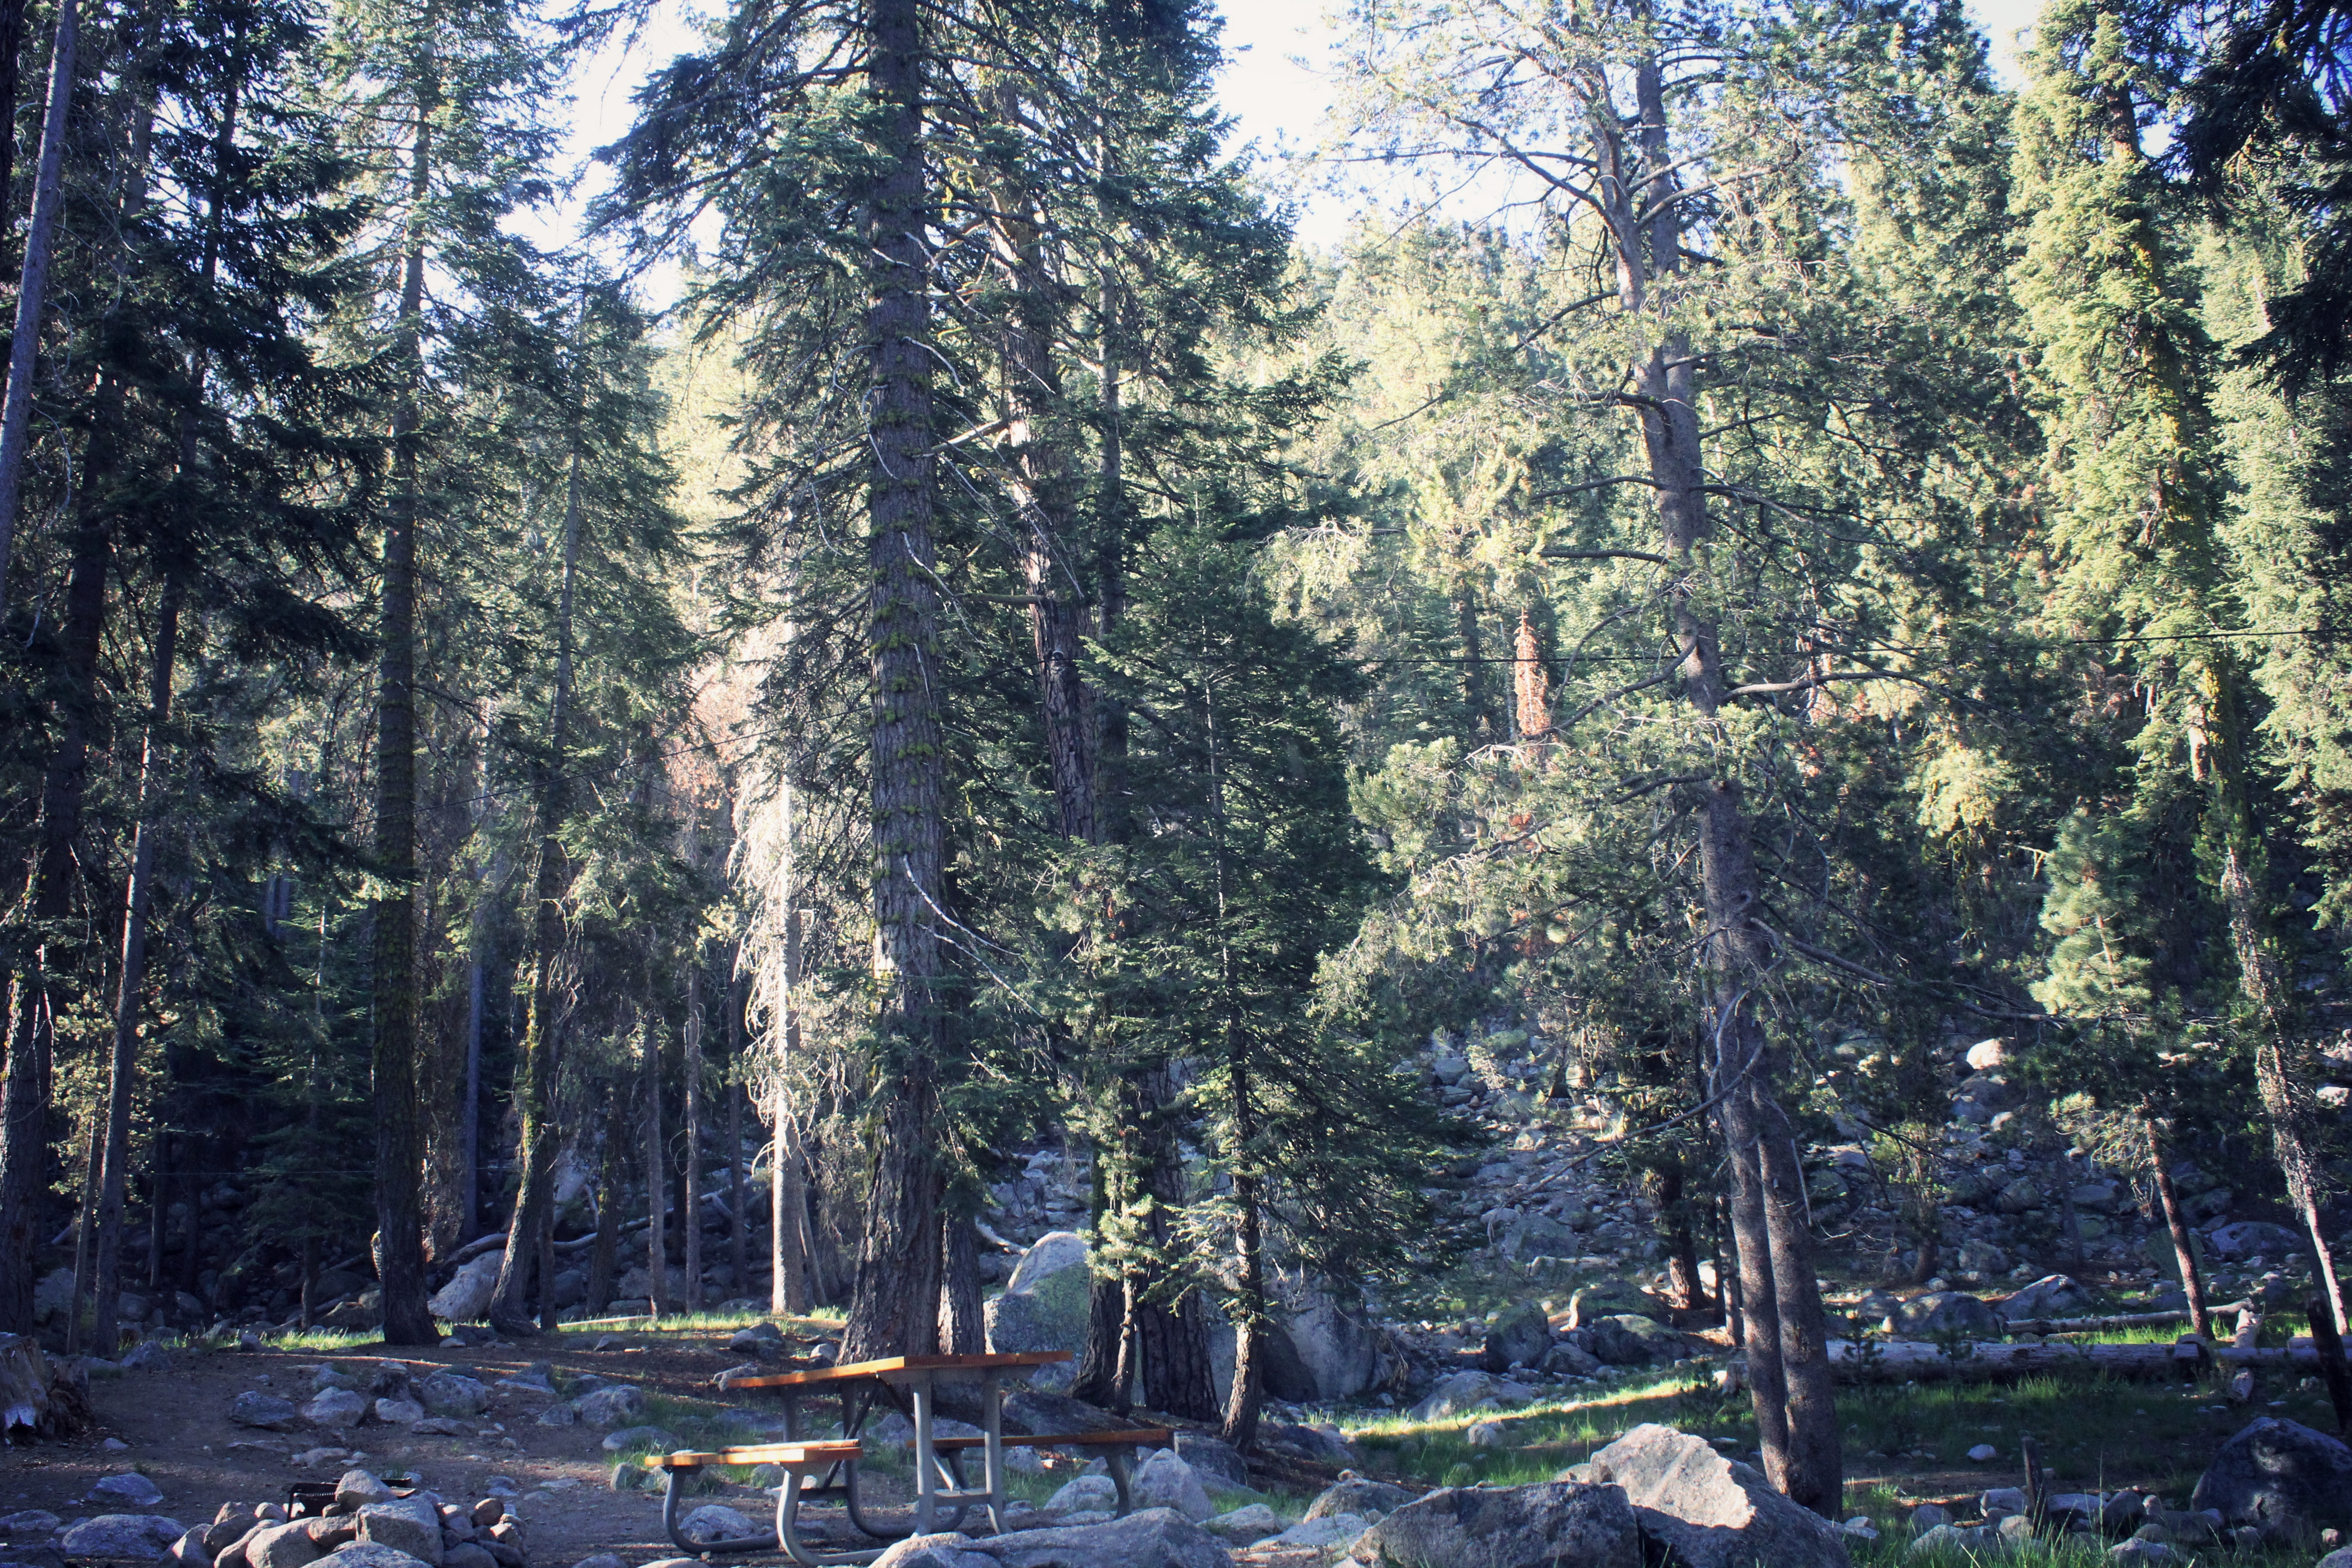 Campsite in Sequoia National Park